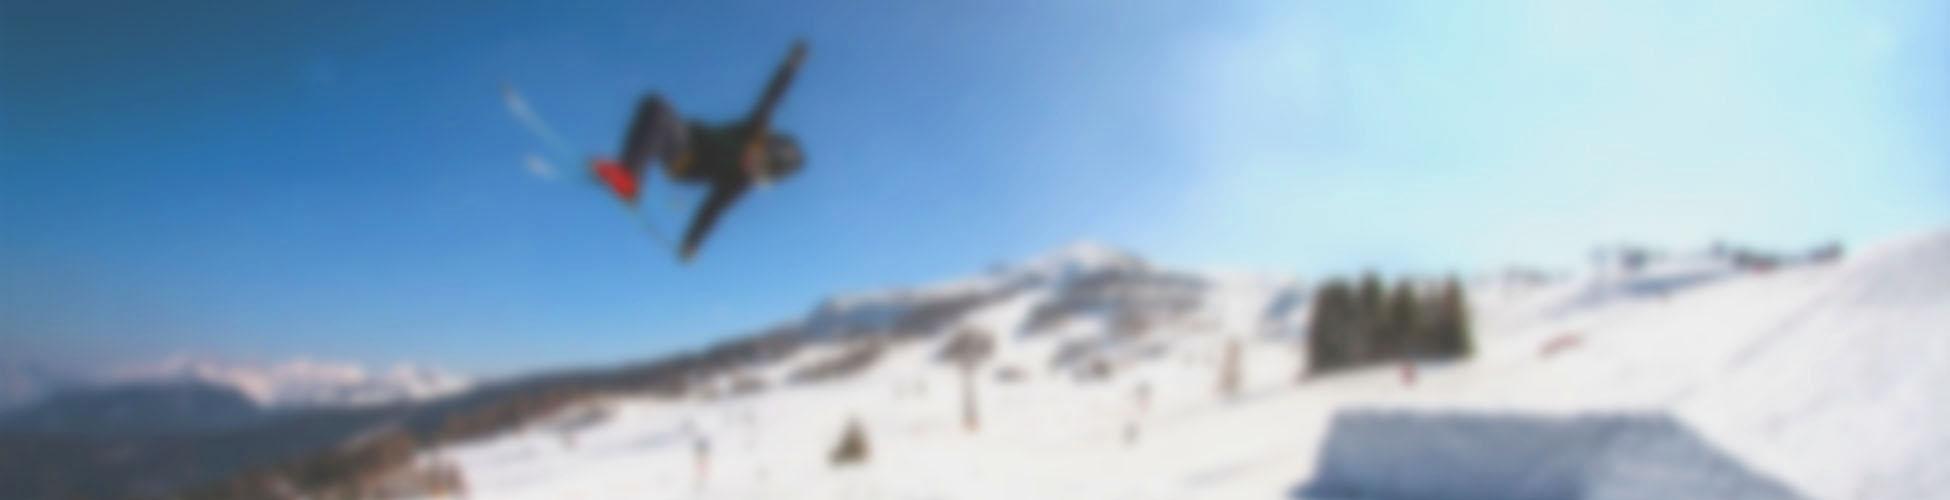 ski-titel-slider